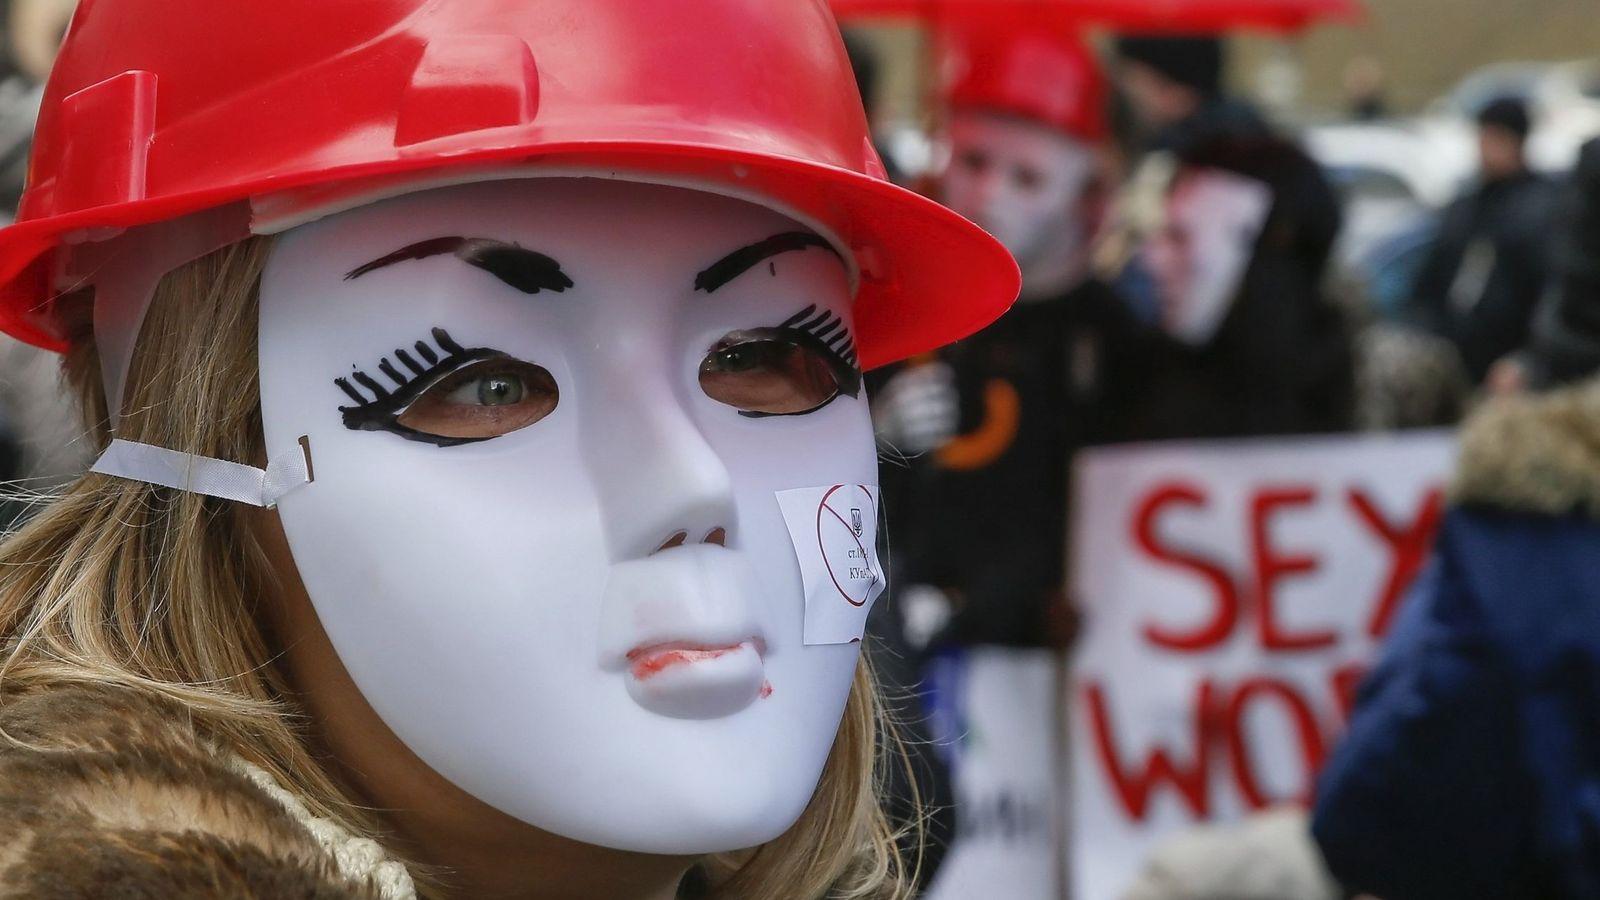 prostitutas chinas colectivo prostitutas